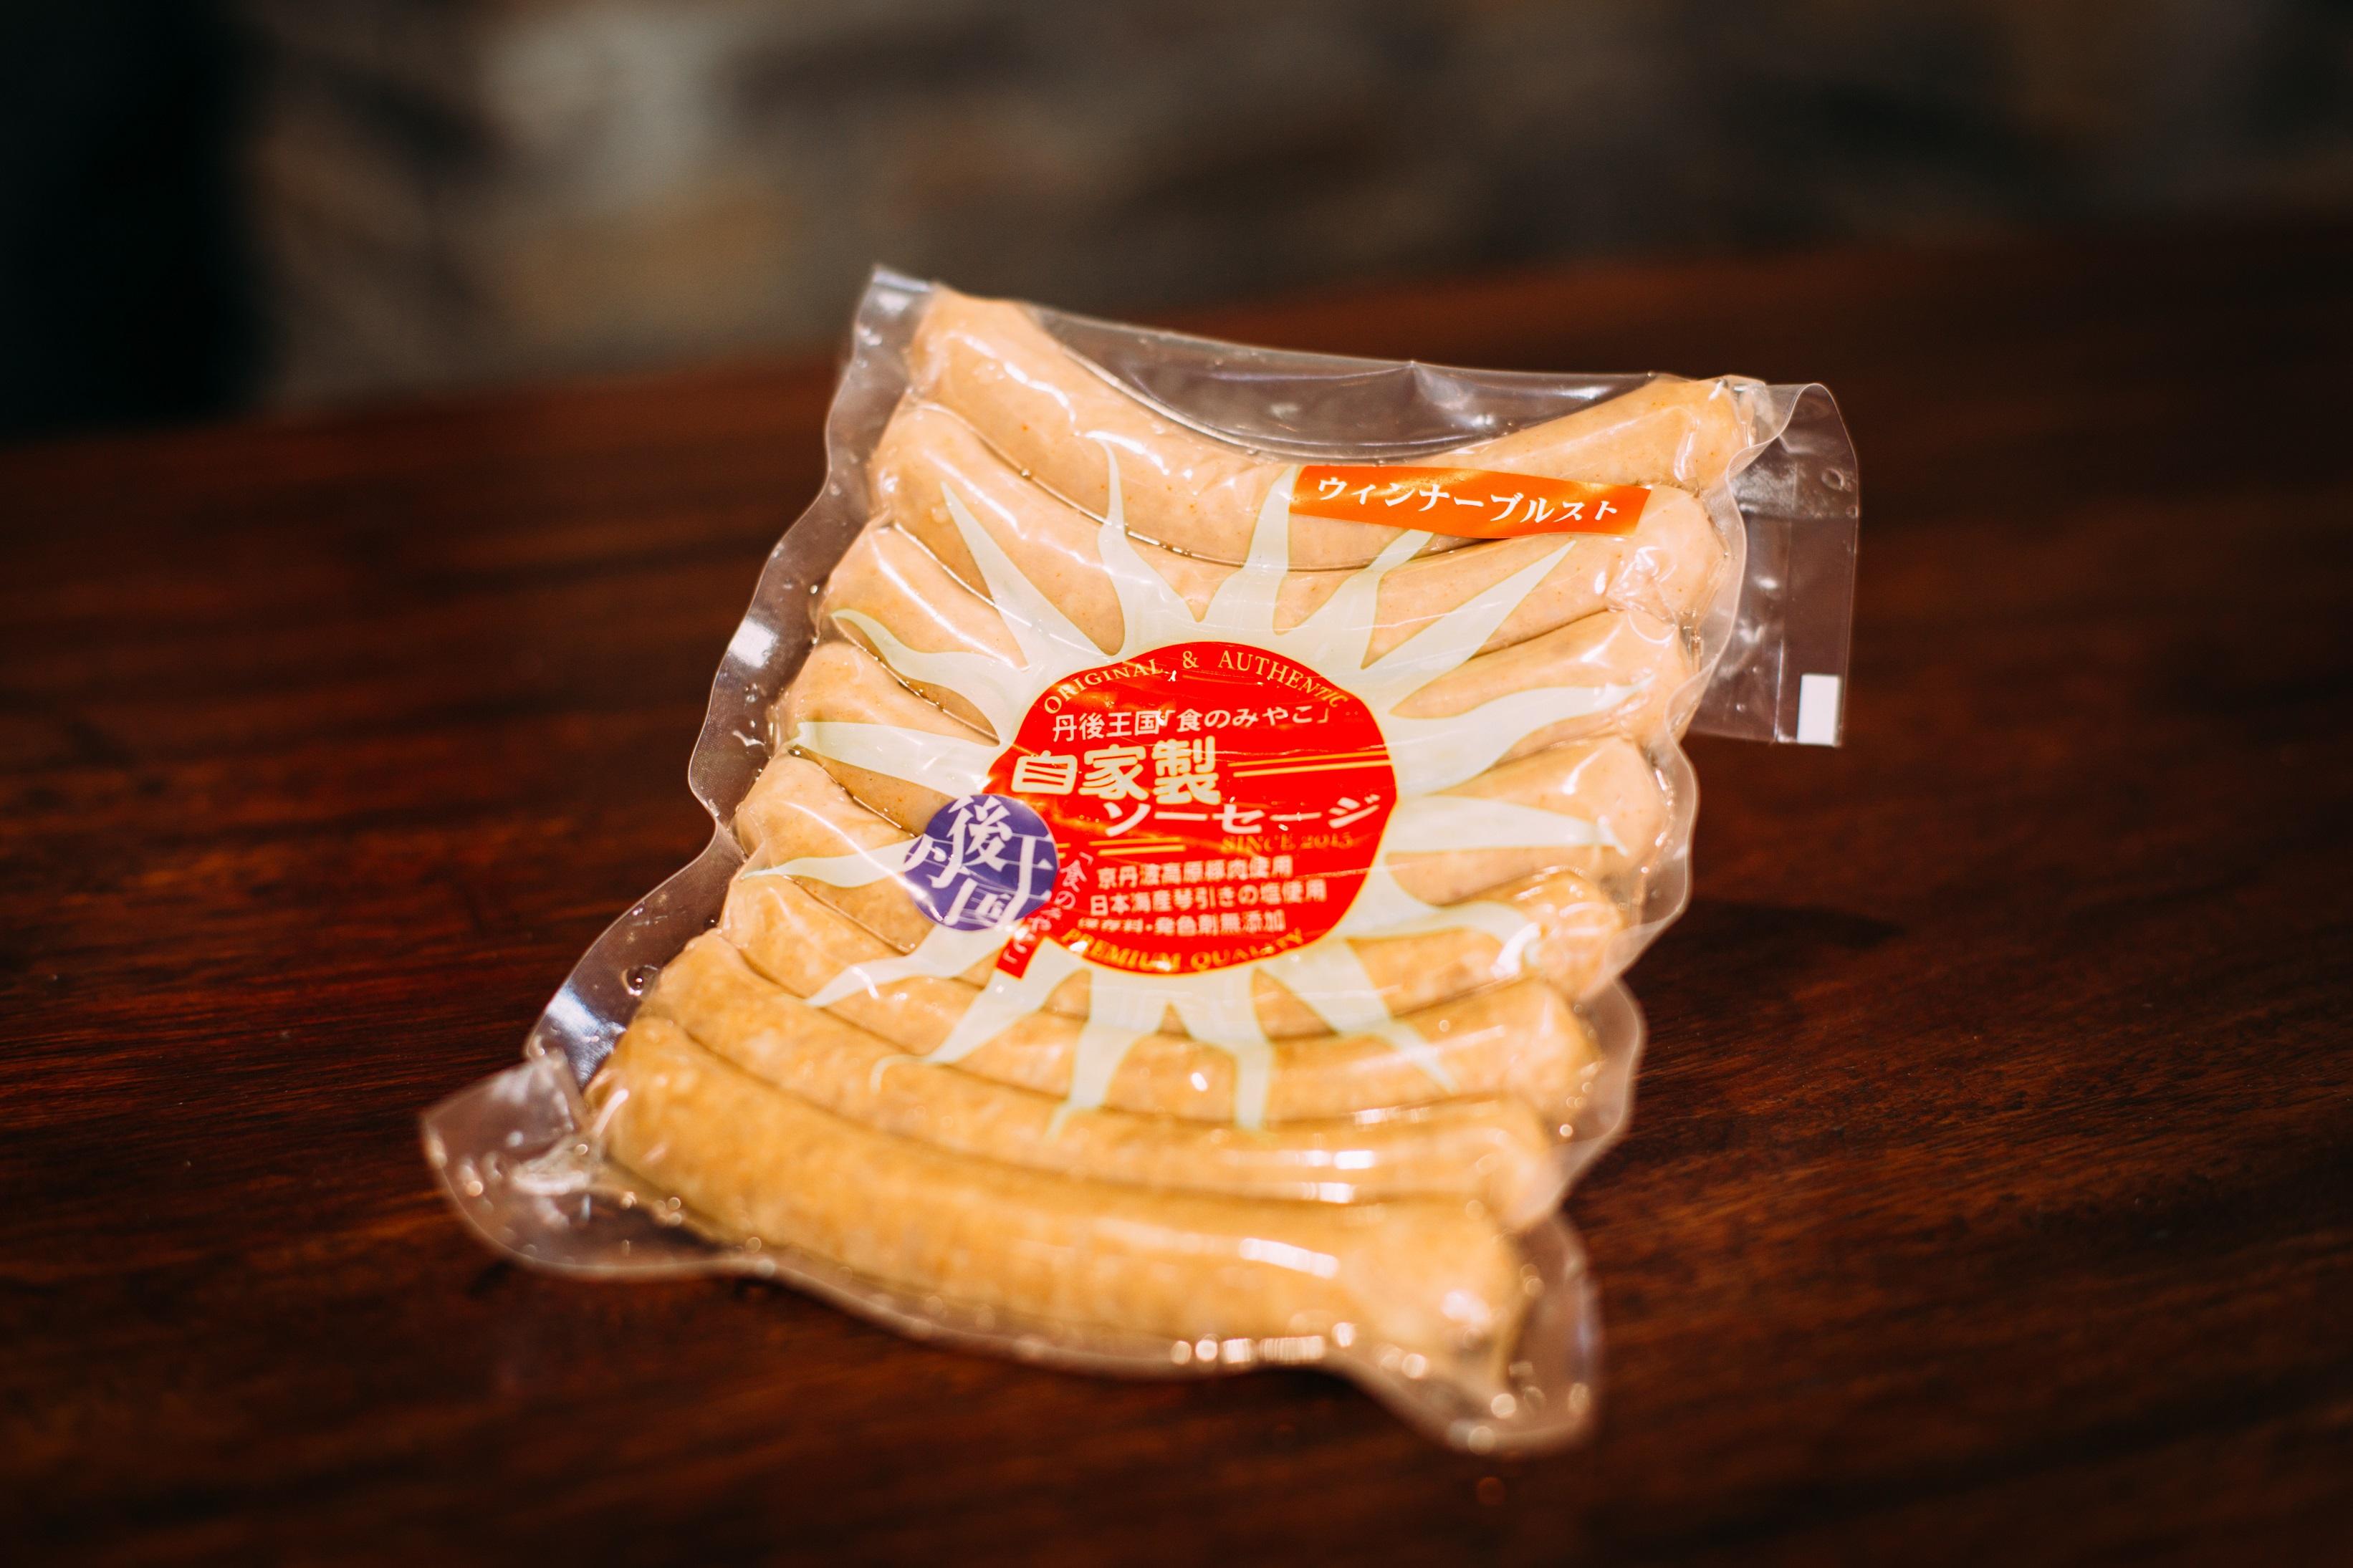 京都のブランド豚肉使用 自家製ウィンナーソーセージ (8本)280g 丹後クラフトビールとの相性も◎